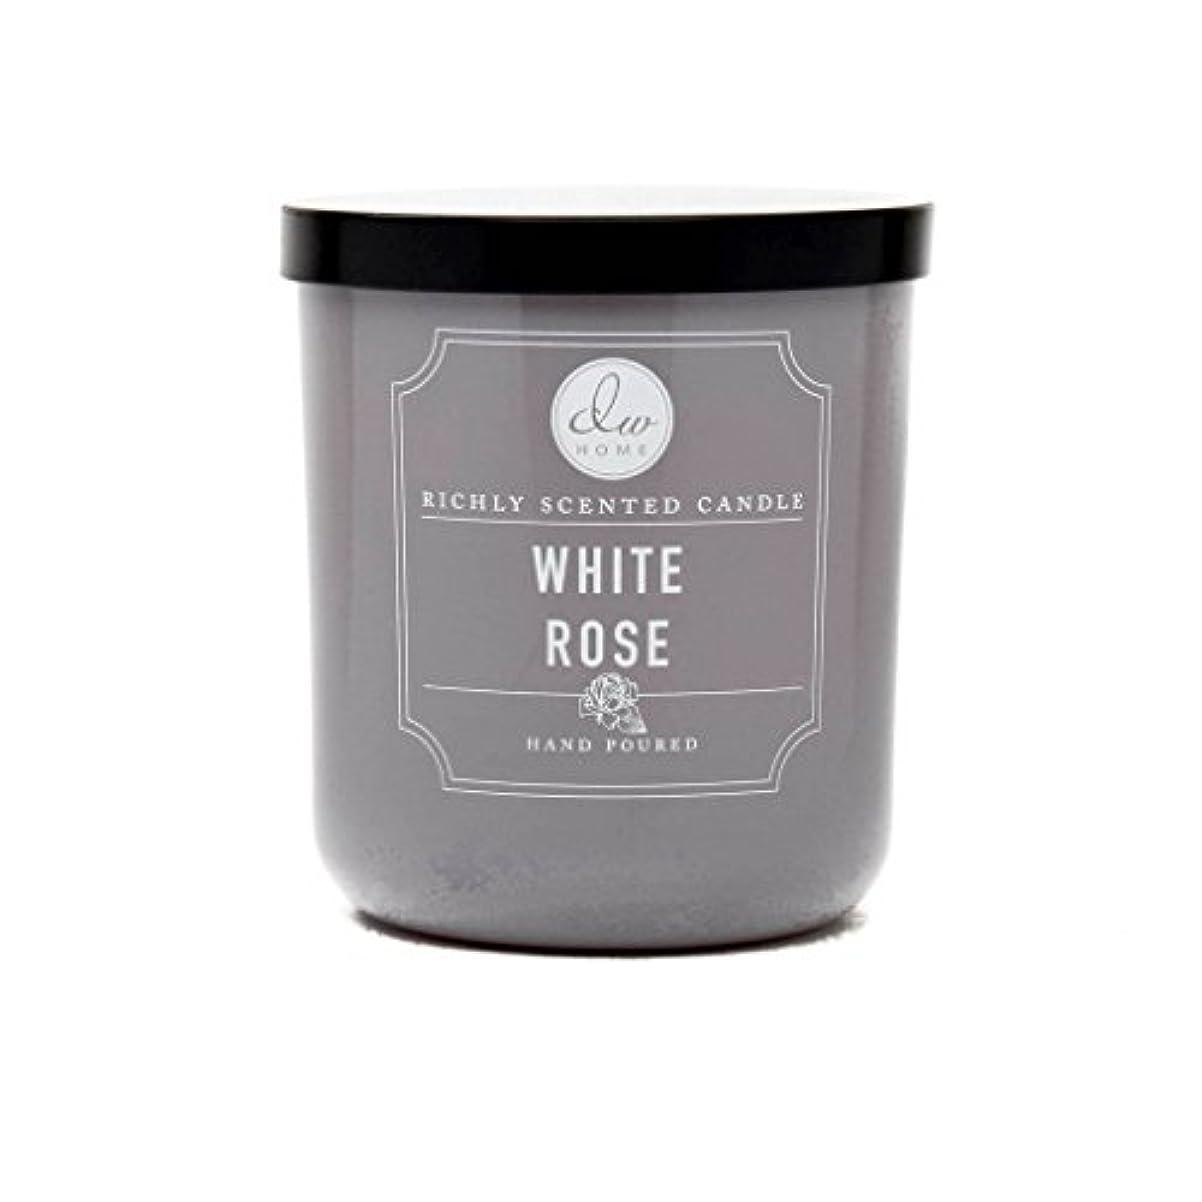 勧告段階根拠ホワイトローズ豊かな香りCandle Small Single Wick Hand PouredからDWホーム4オンス